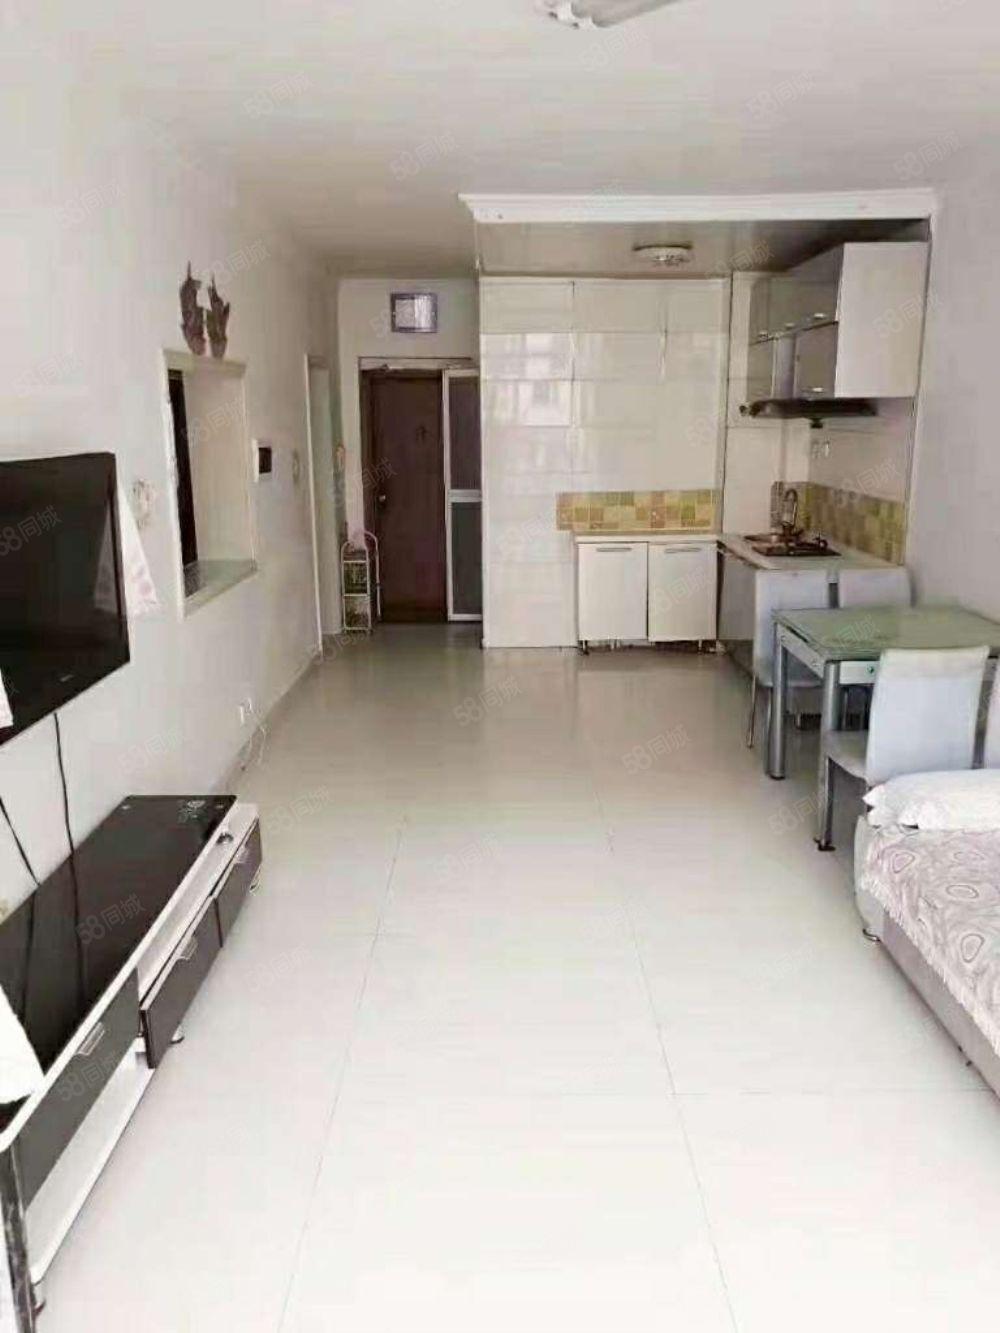 洮南實驗小學附近二樓52平簡裝13萬,一室一廳拎包入住